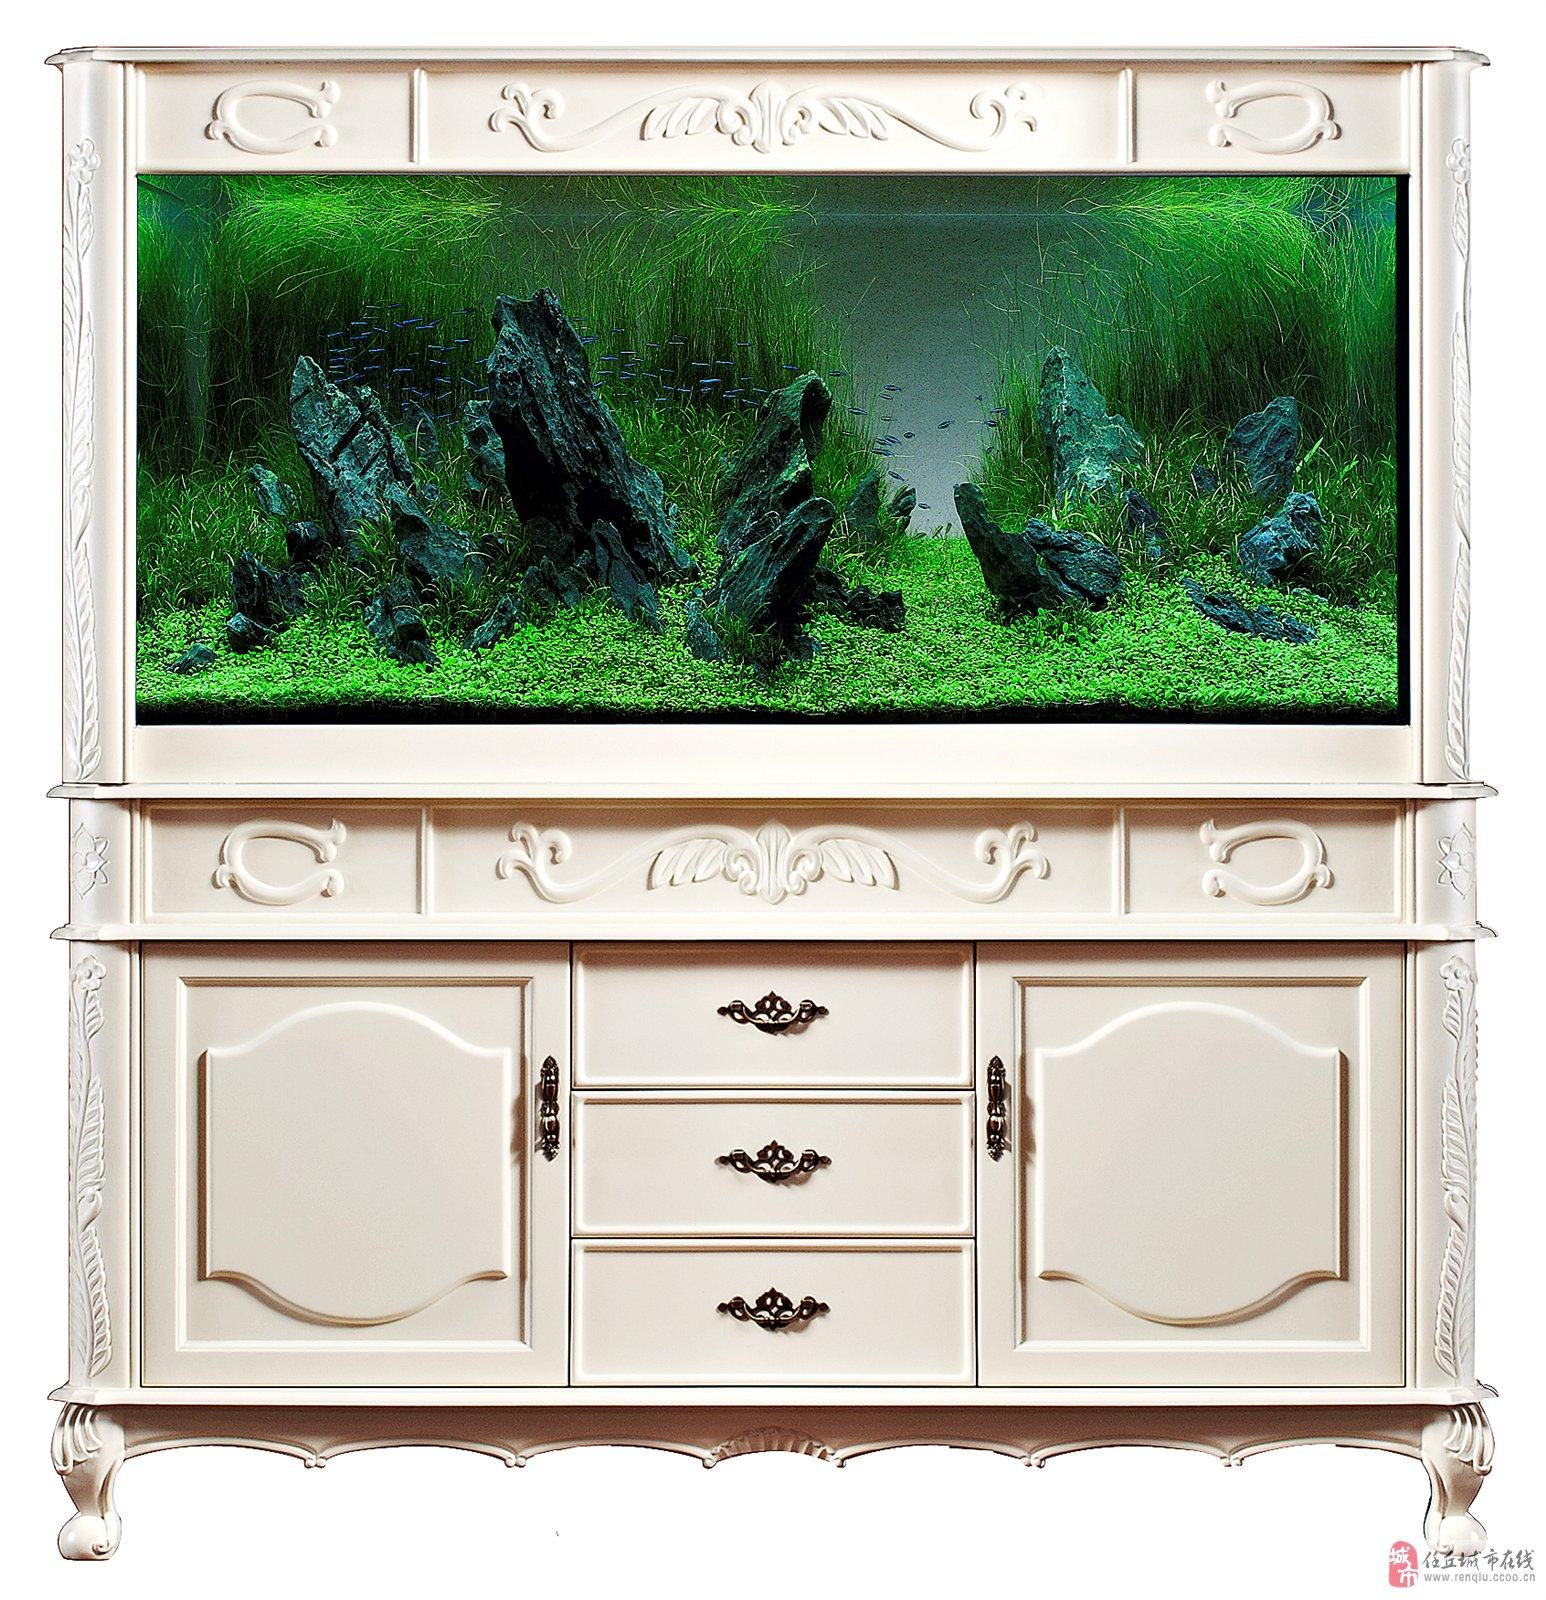 红木雕刻鱼缸,实木雕刻鱼缸